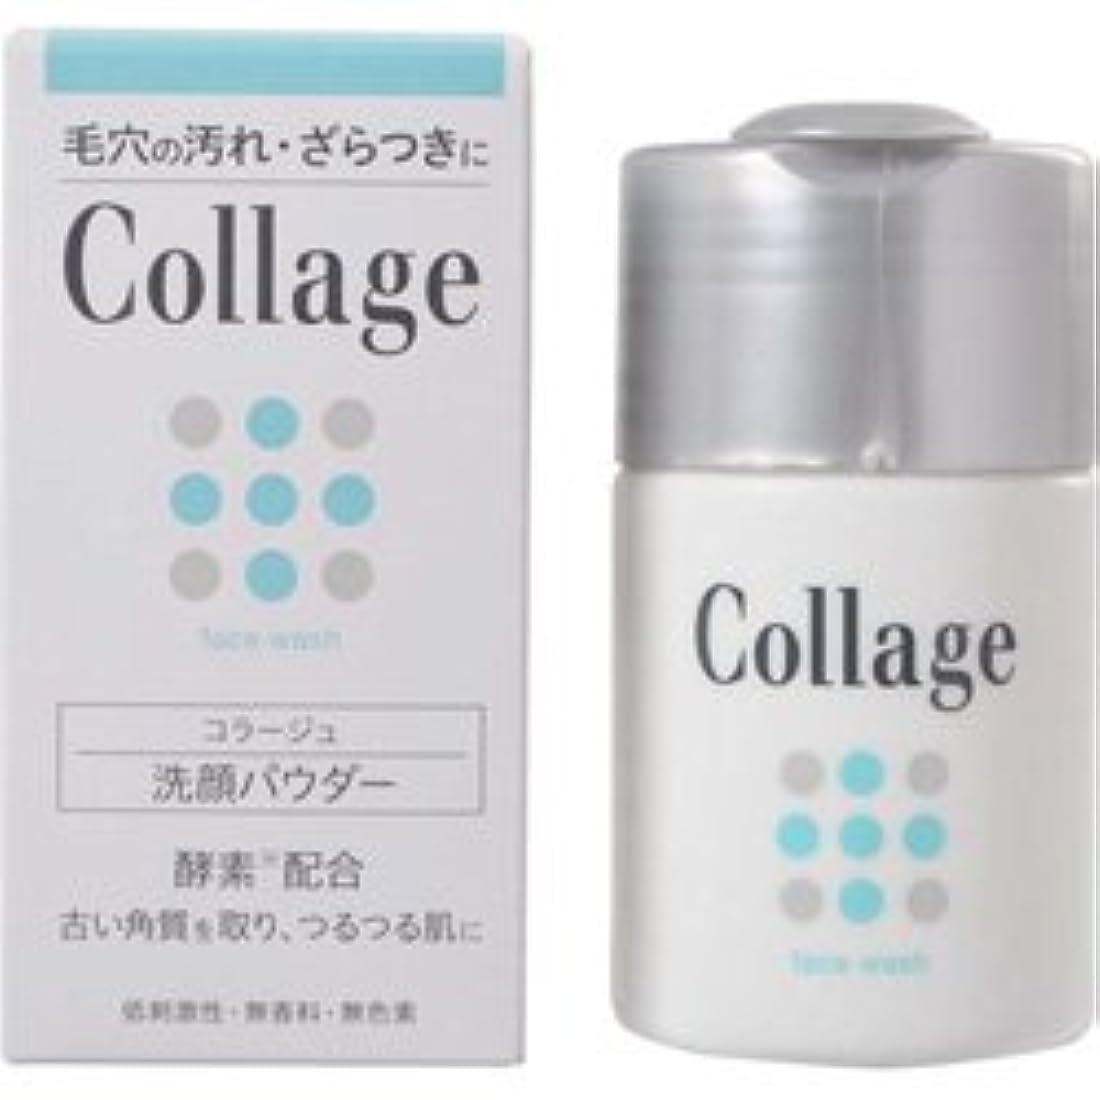 小康征服するフレキシブル【持田ヘルスケア】 コラージュ洗顔パウダー 40g ×5個セット